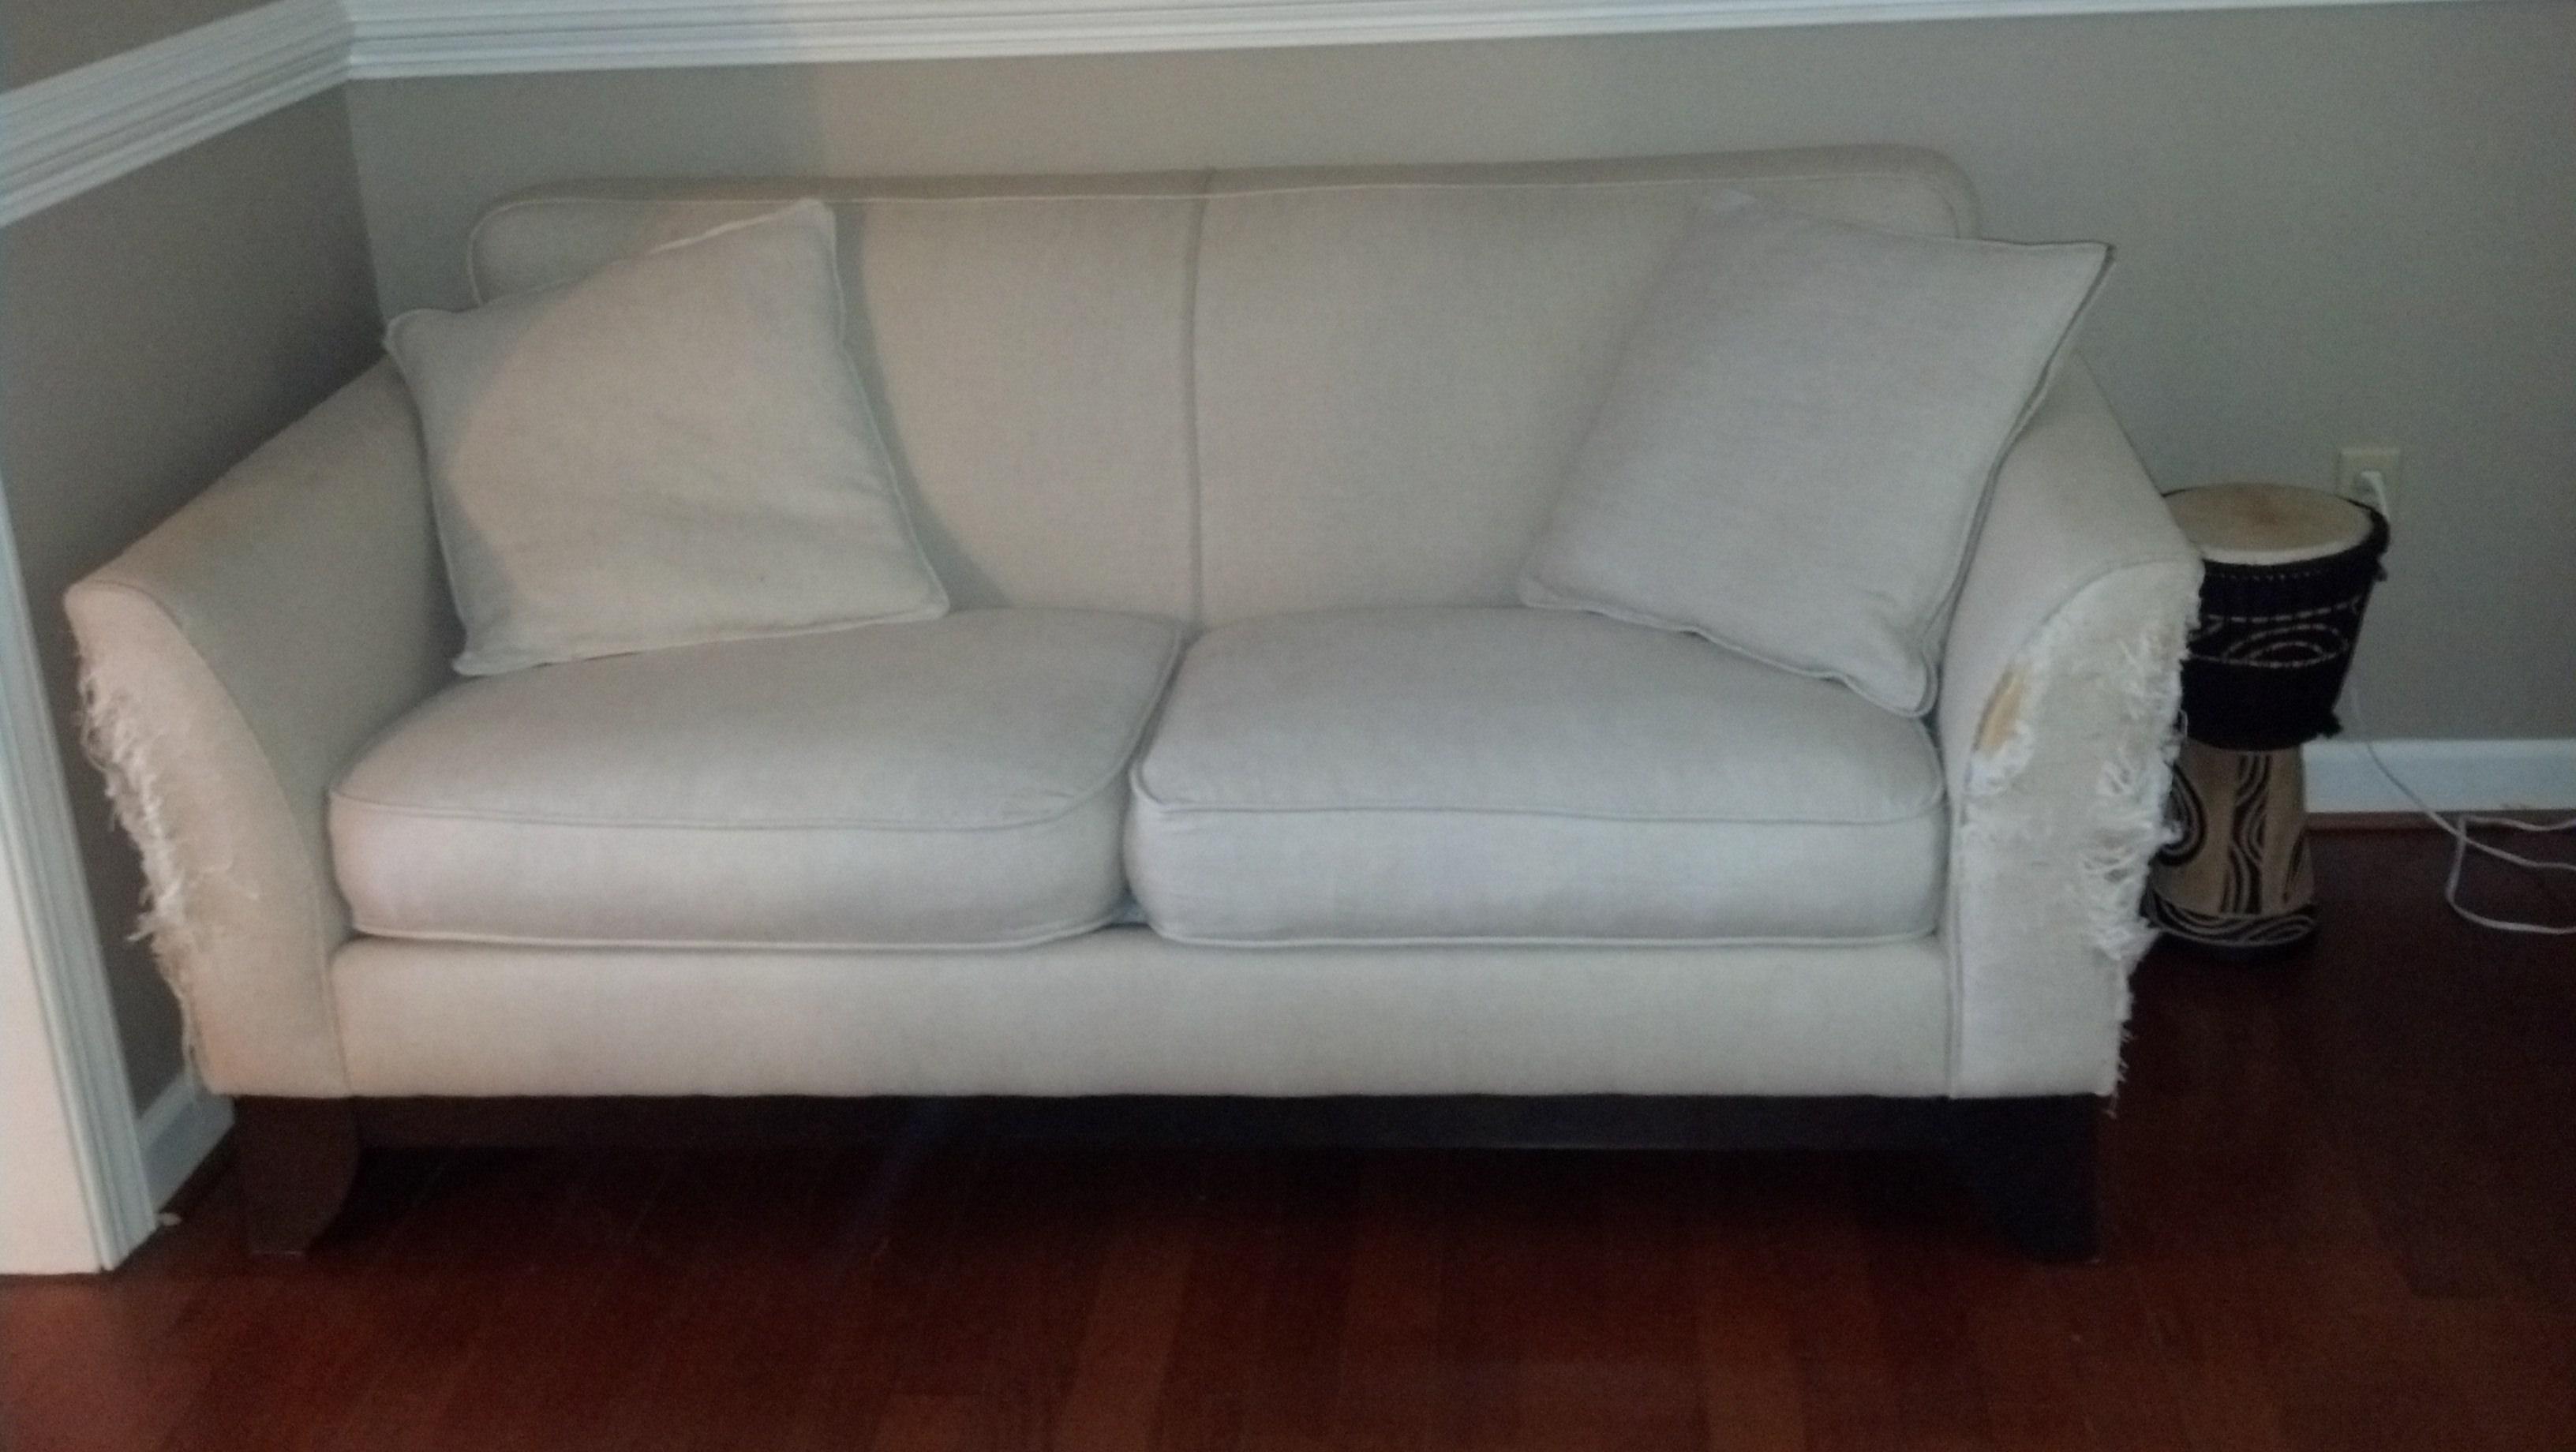 craigslist tulsa sofa nubuck leather cleaner free furniture